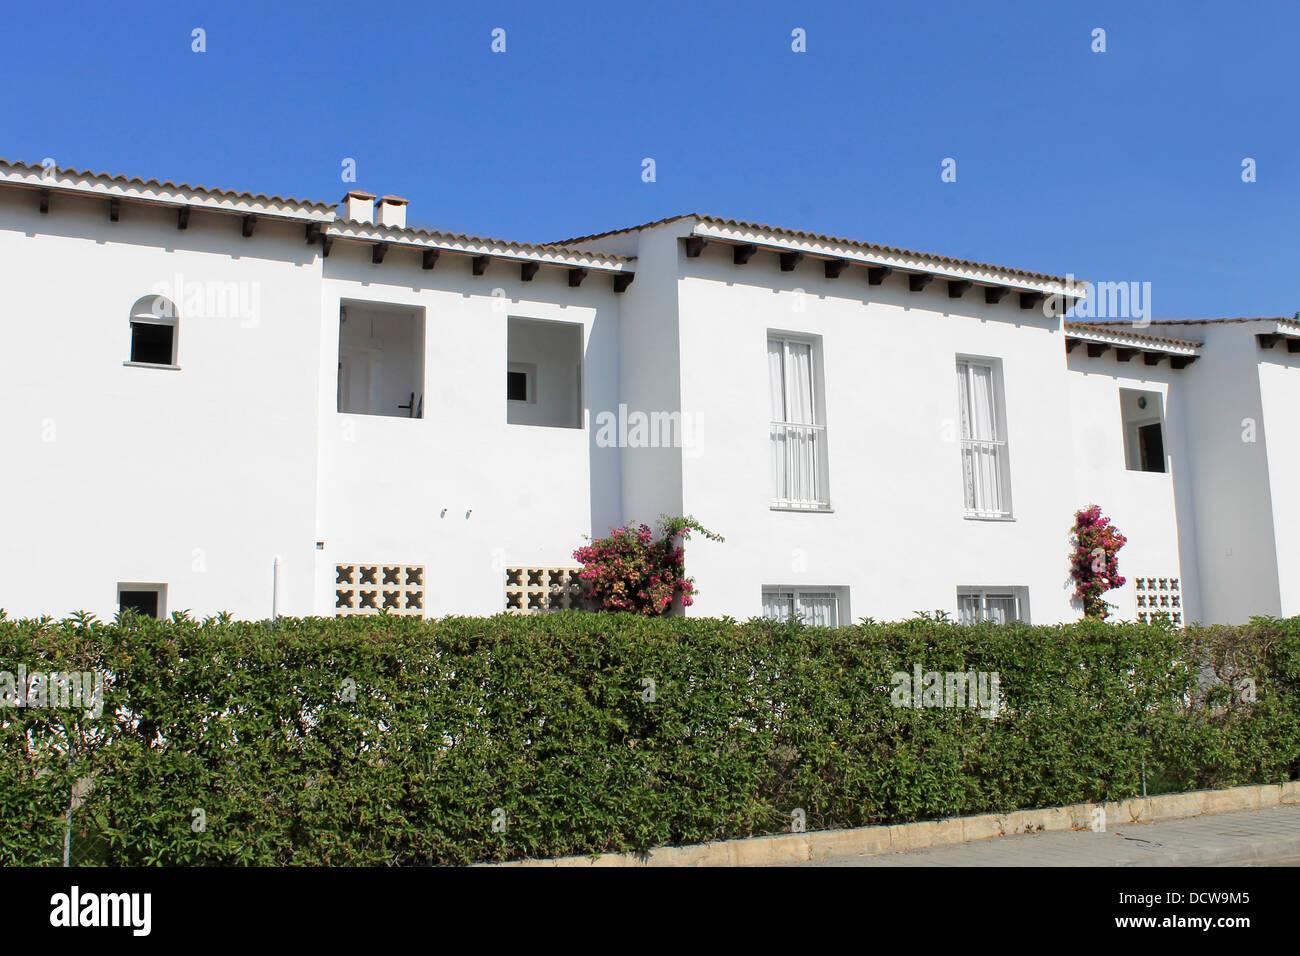 L'extérieur de l'espagnol blanc maisons avec fond de ciel bleu. Photo Stock